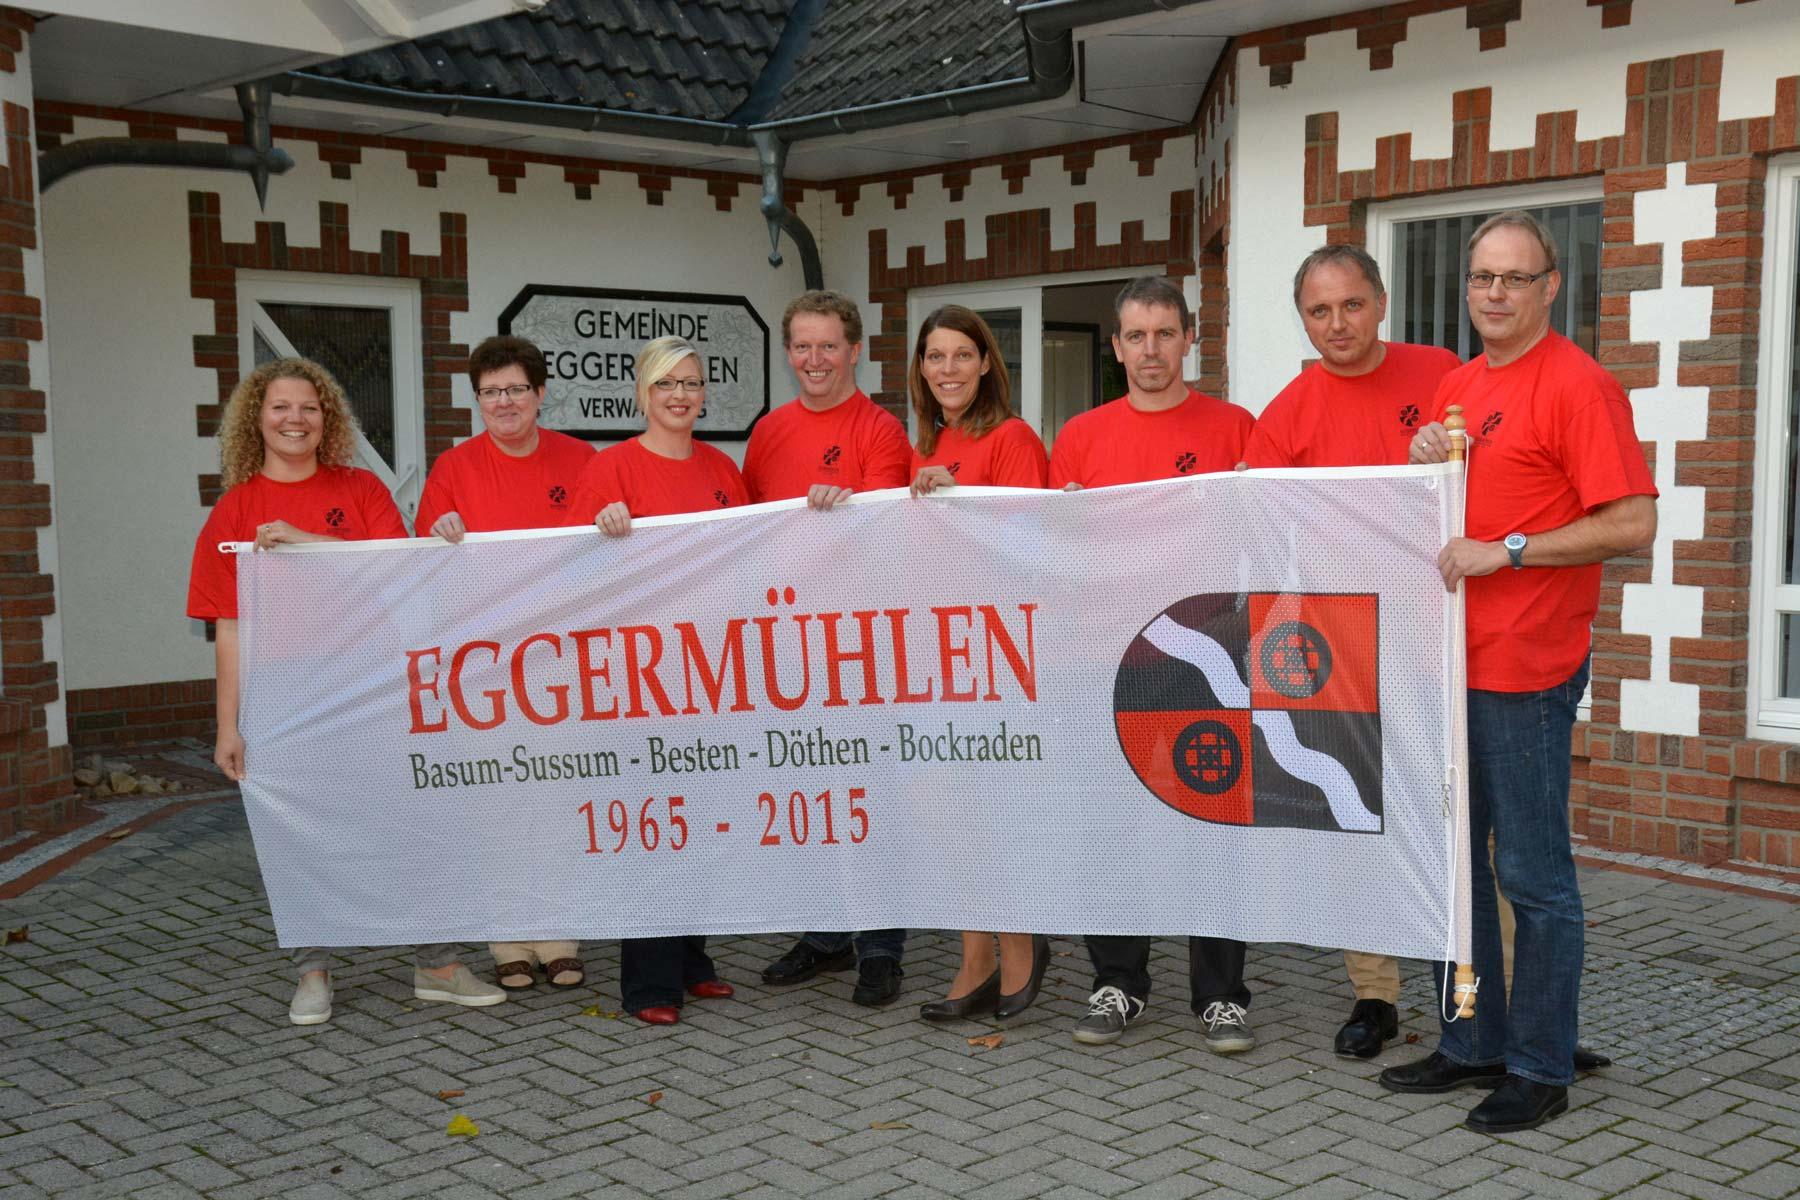 Eggermuehlen.jpg